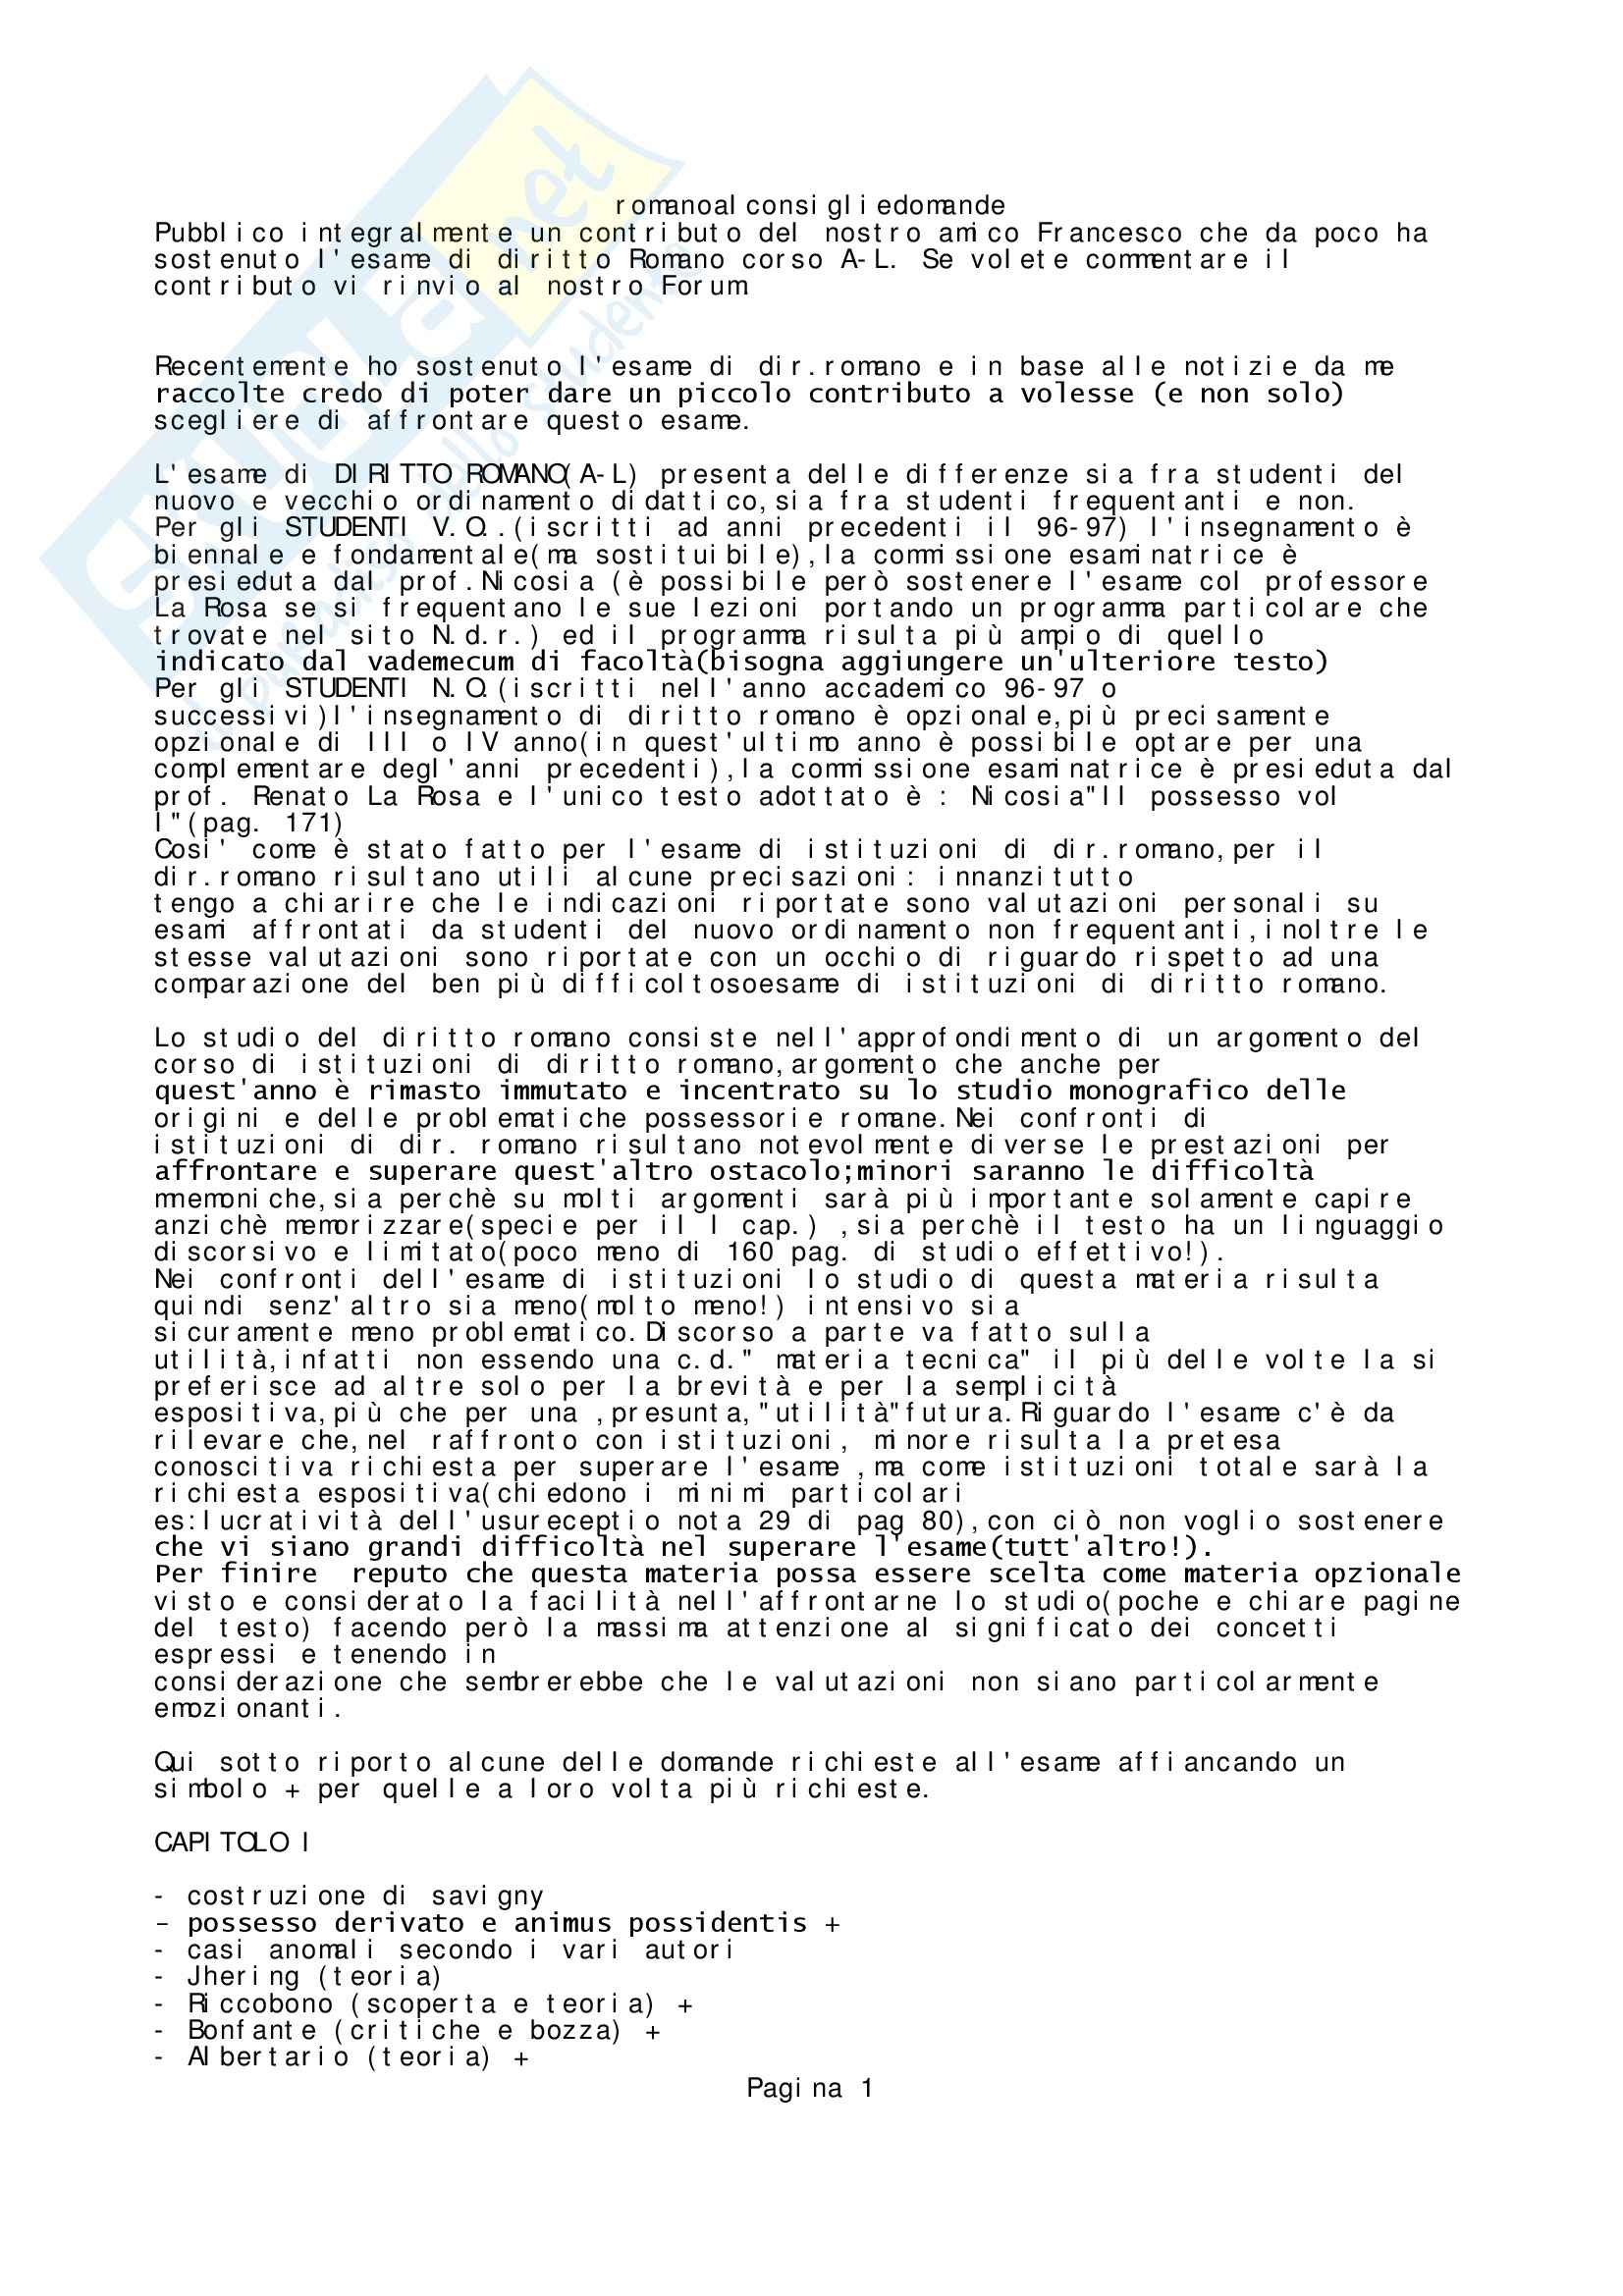 Diritto Romano - Domande d'esame